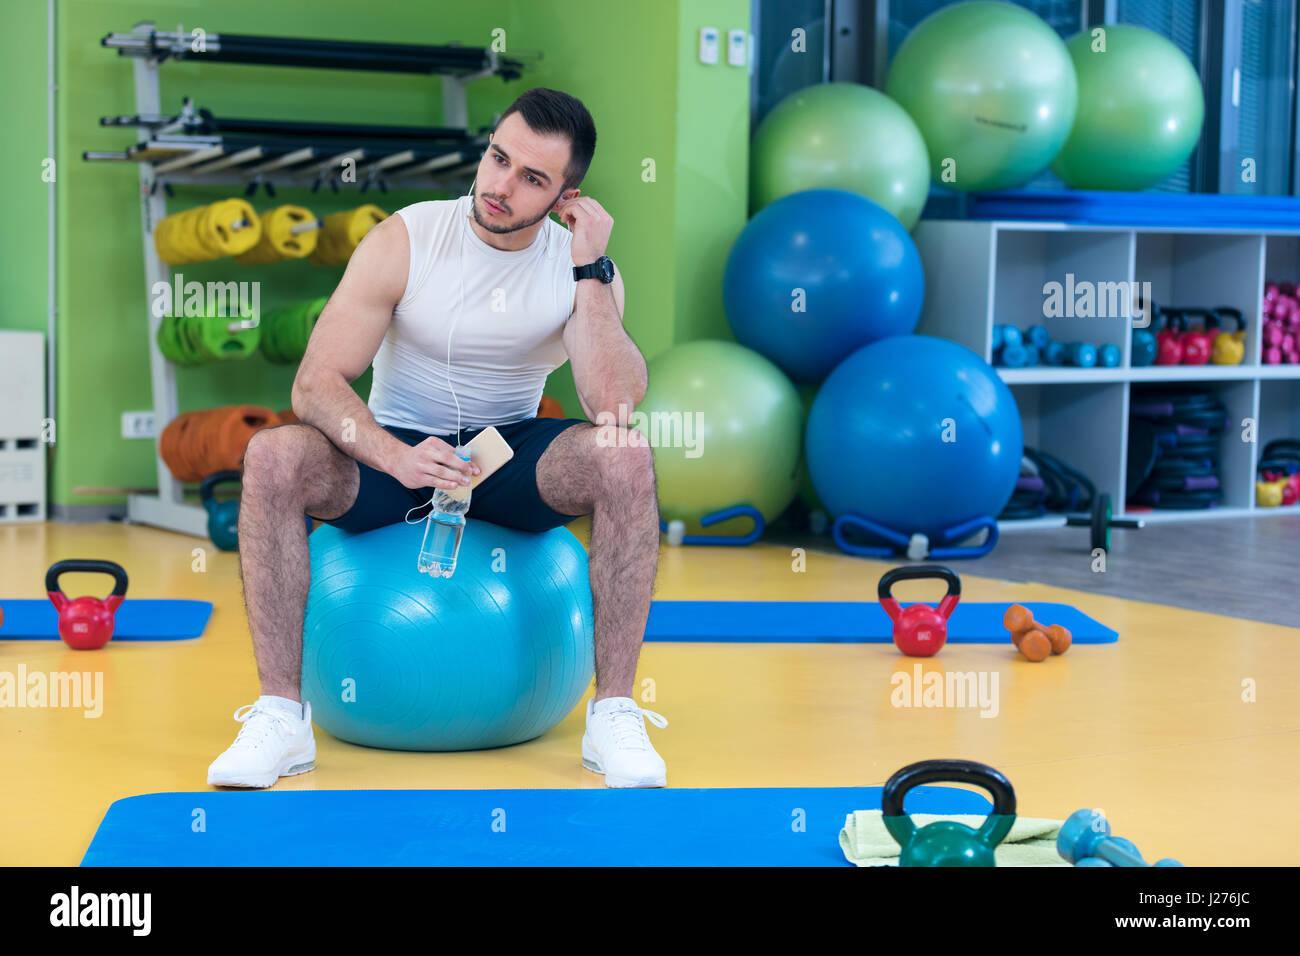 Gym Ball Stock Photos & Gym Ball Stock Images - Alamy